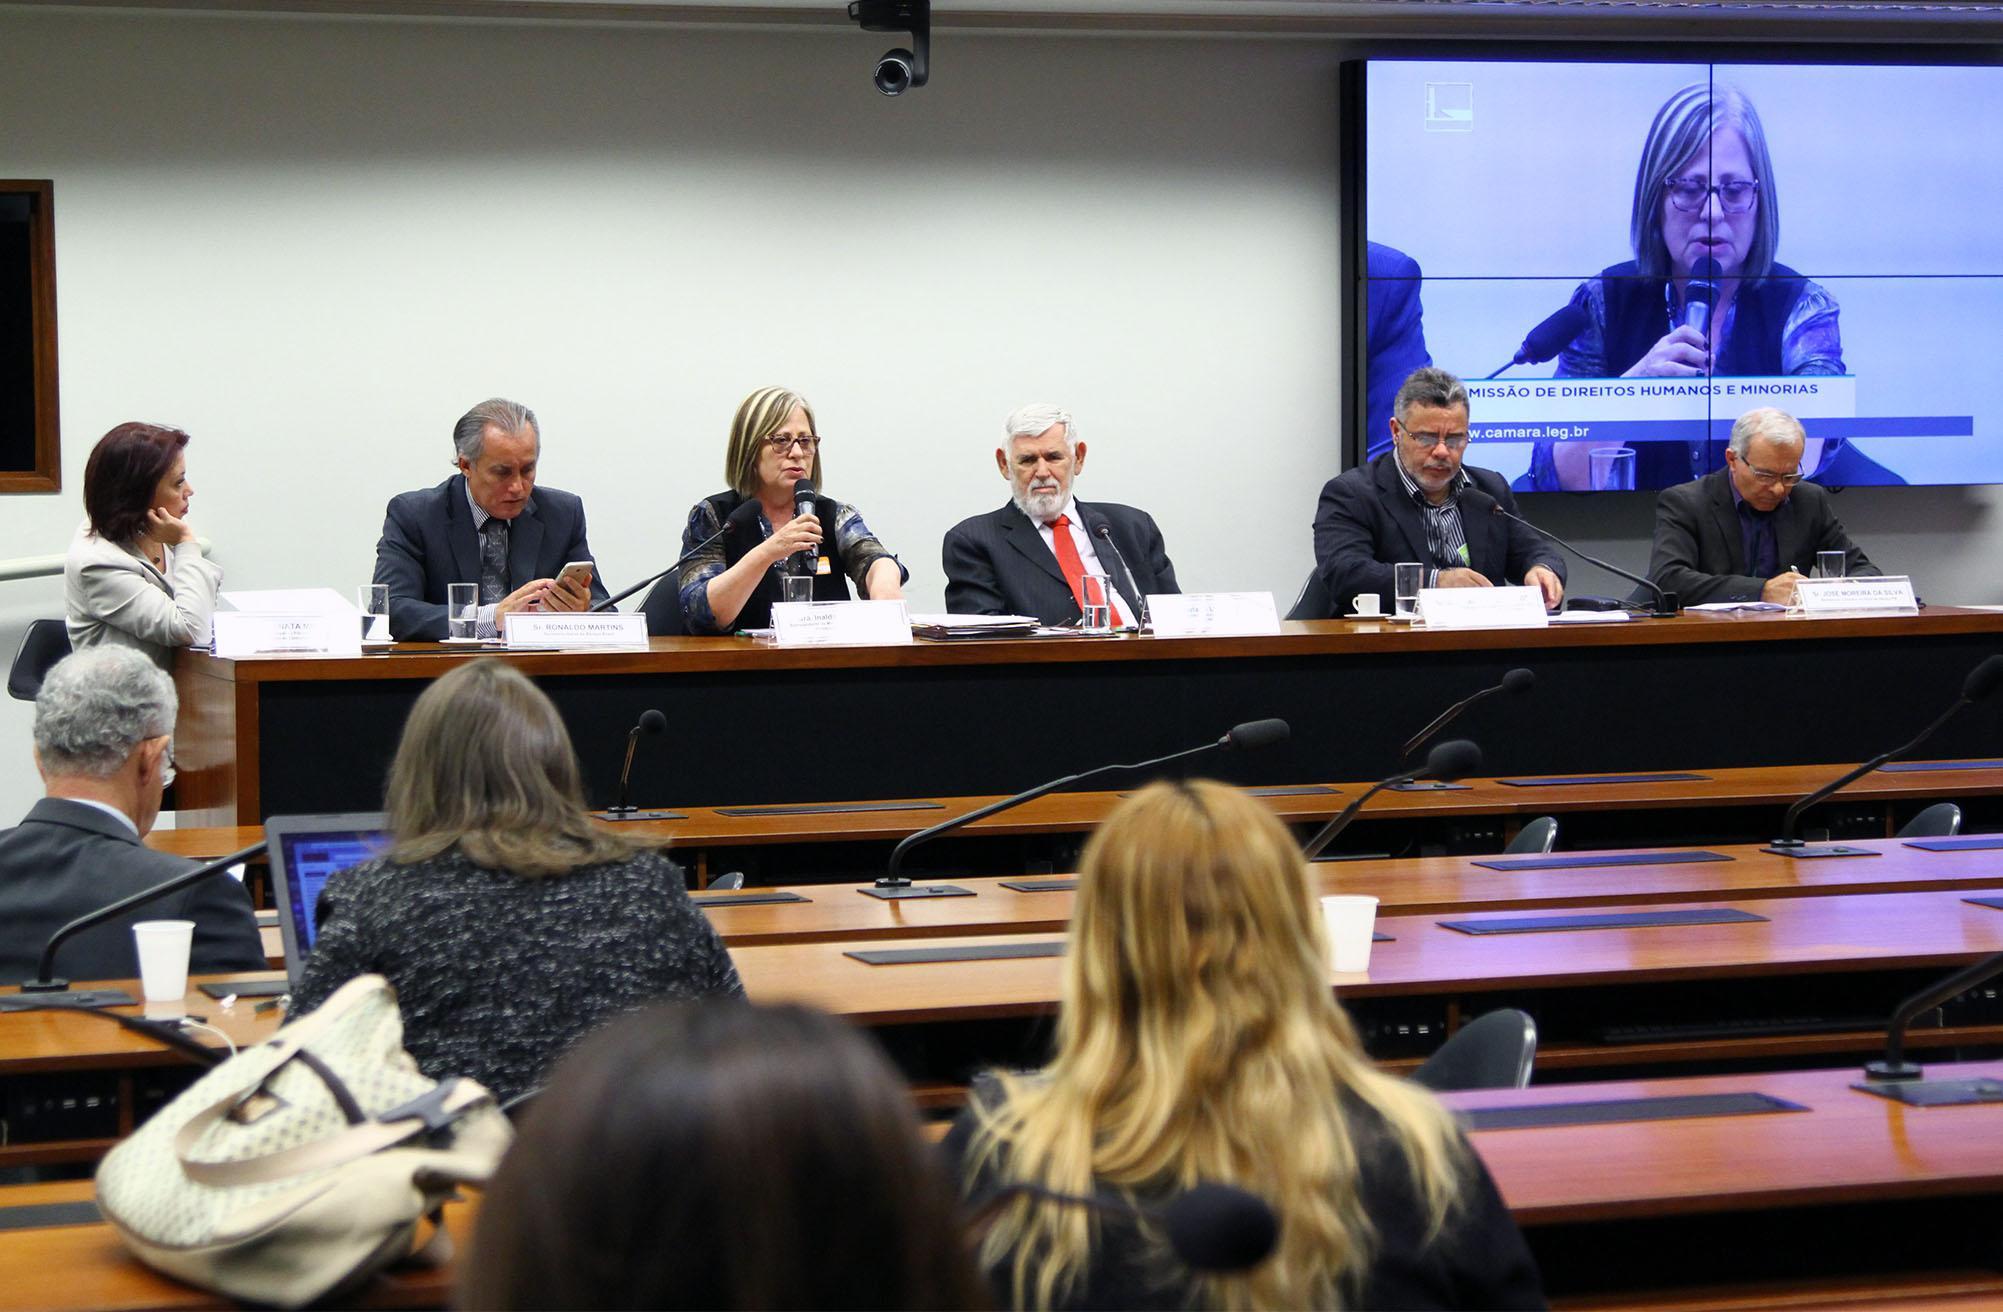 Audiência pública sobre a atual situação das rádios comunitárias no Brasil e as medidas necessárias para o fortalecimento do setor